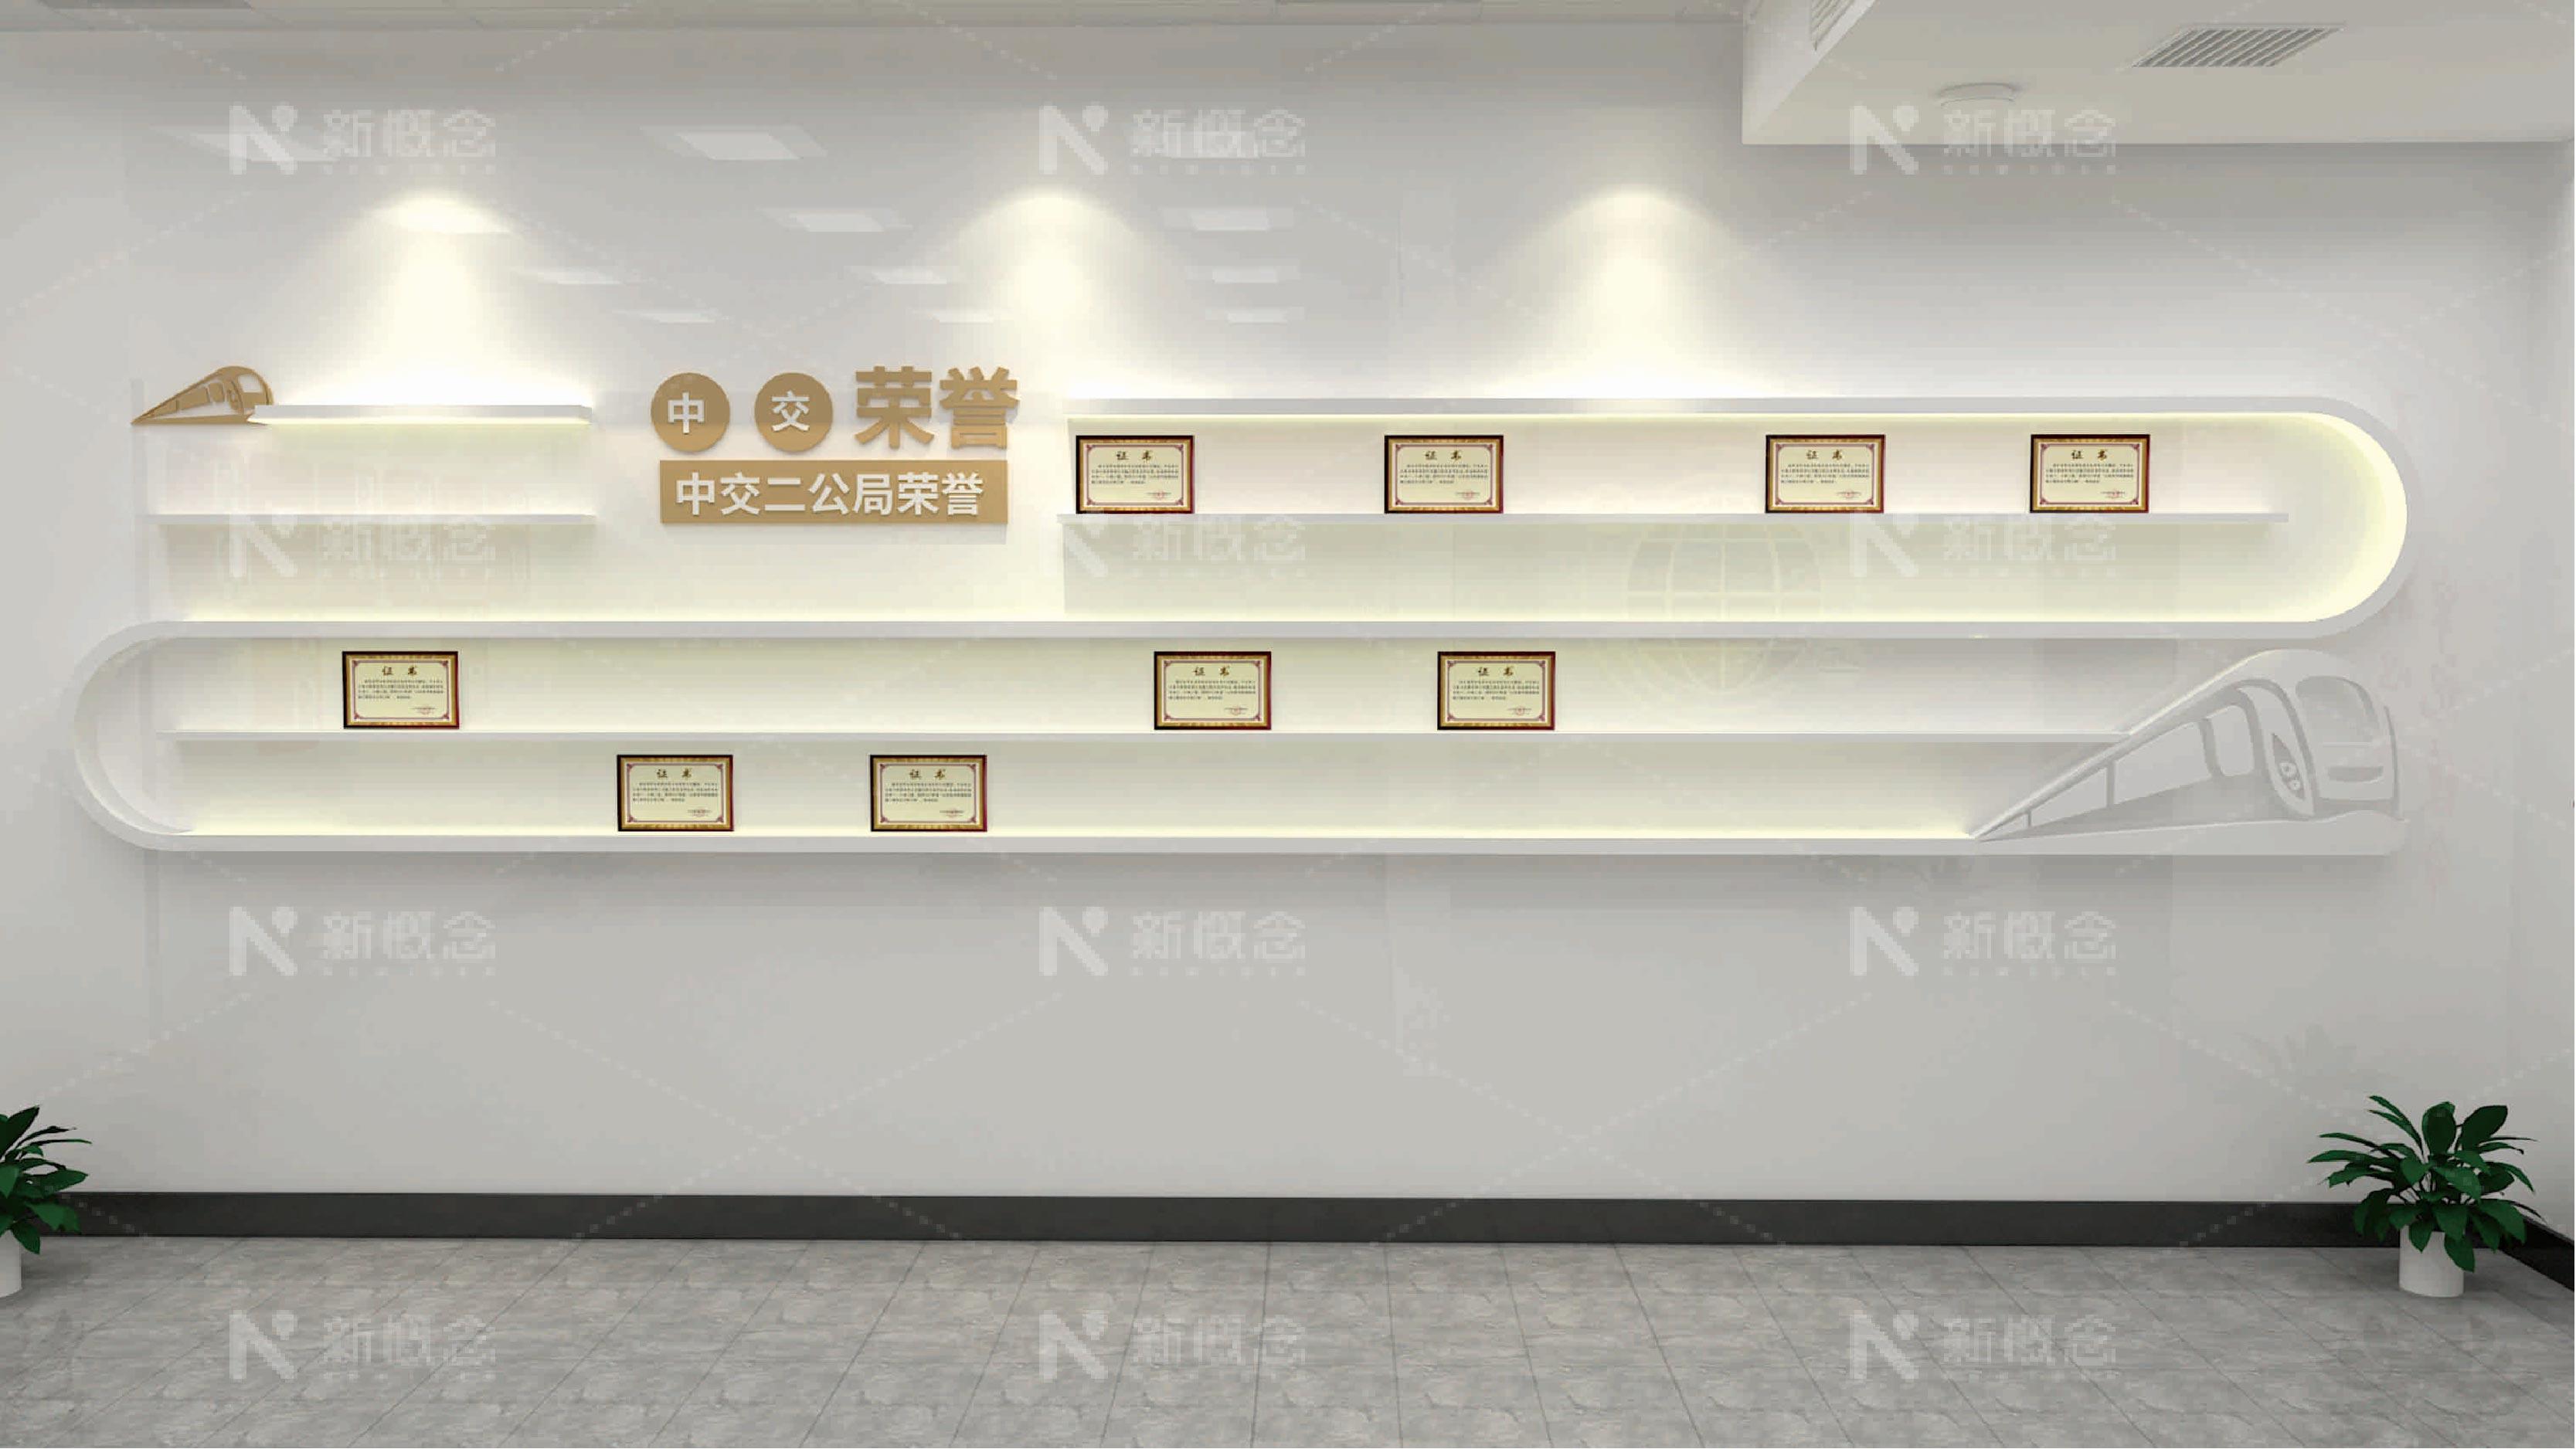 中交二工局荣誉室展厅设计